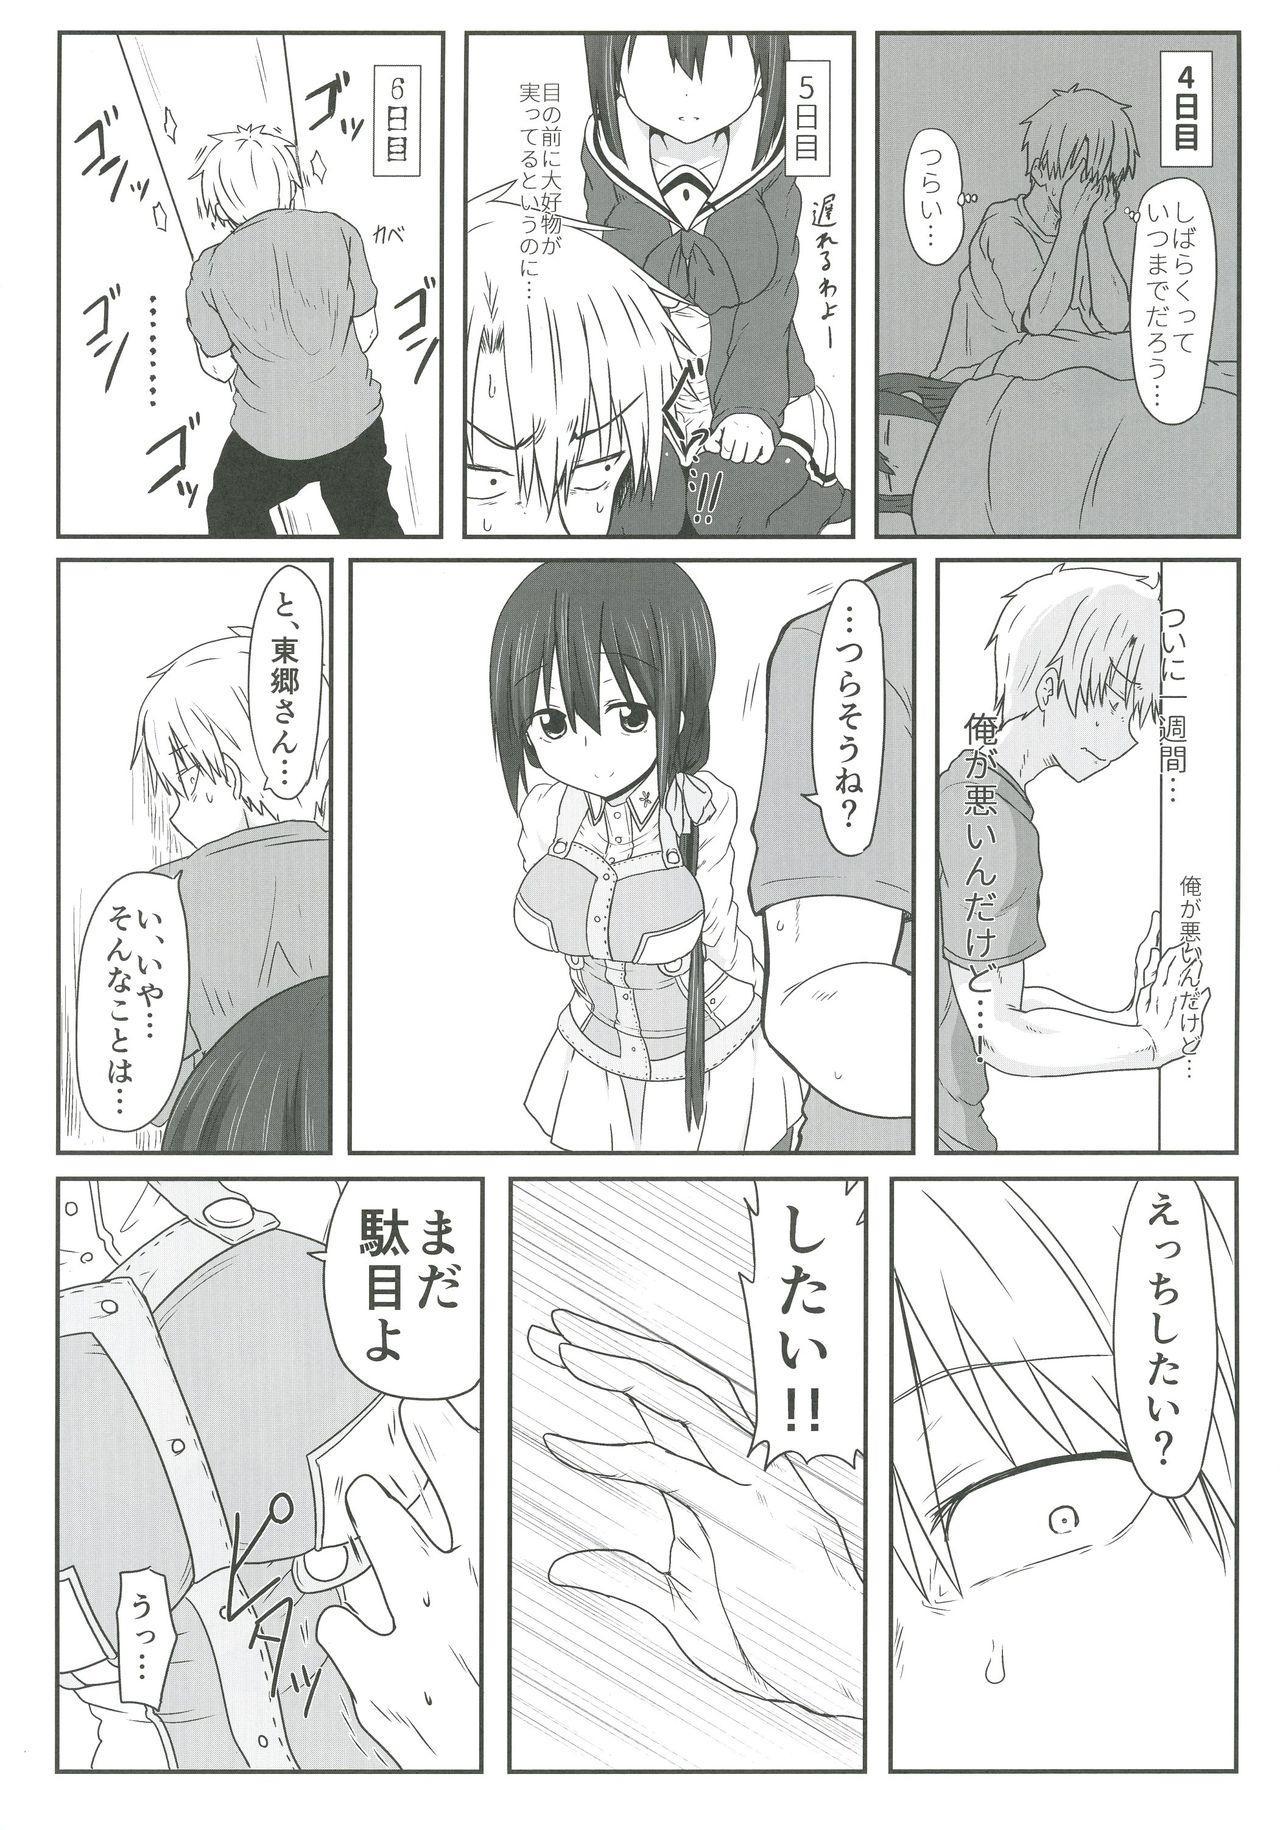 Tougou Box 4 3